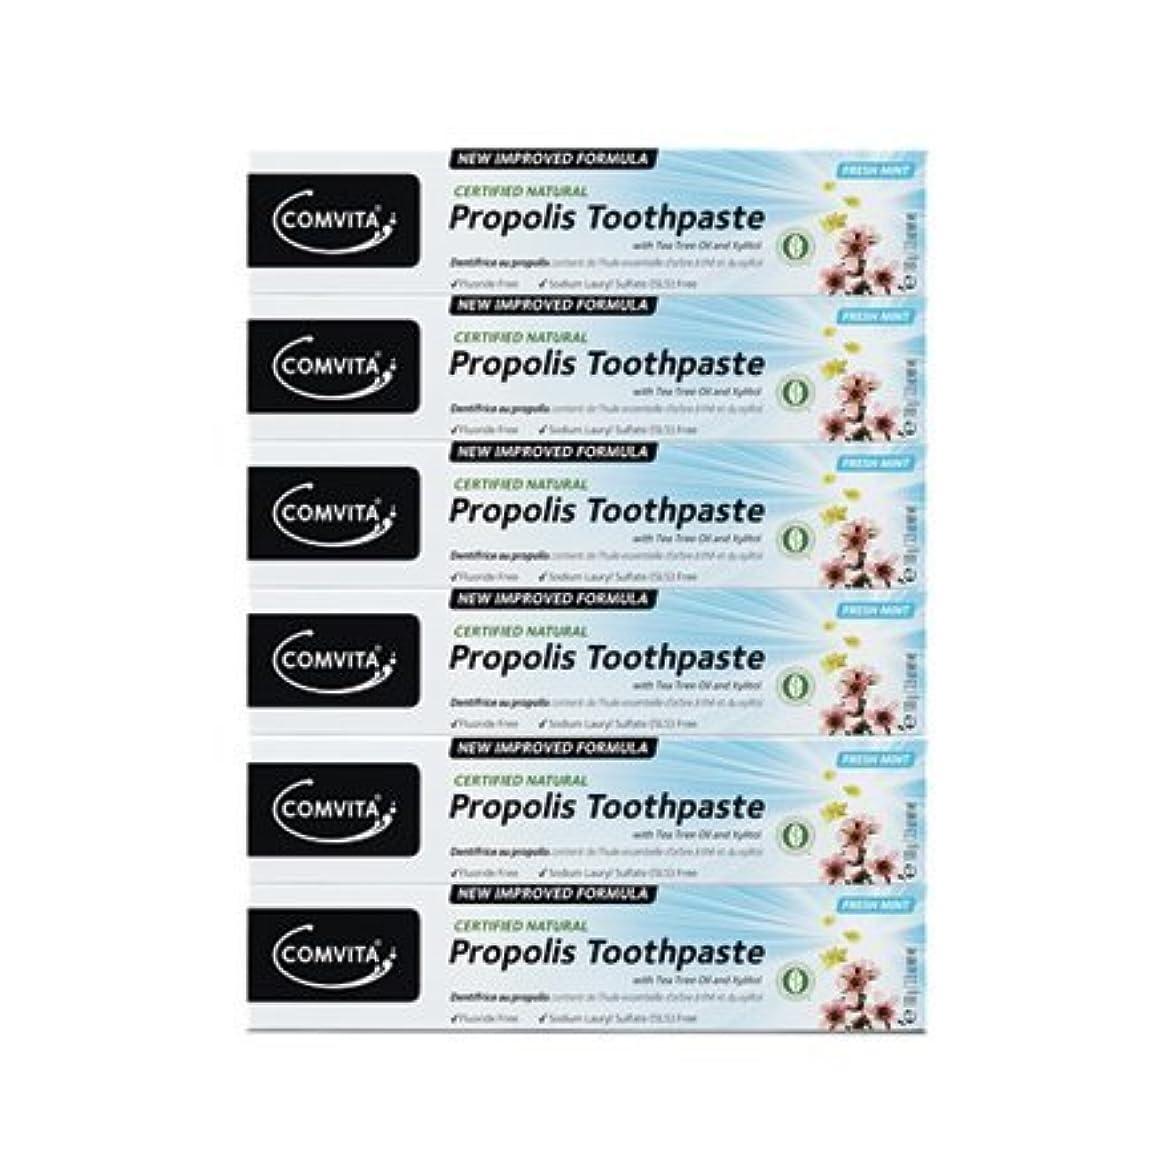 答えナット帰る100% ナチュラル プロポリス 歯磨き粉 6個セット PROPOLIS TOOTHPASTE PACK 100g x 6ea [並行輸入品]